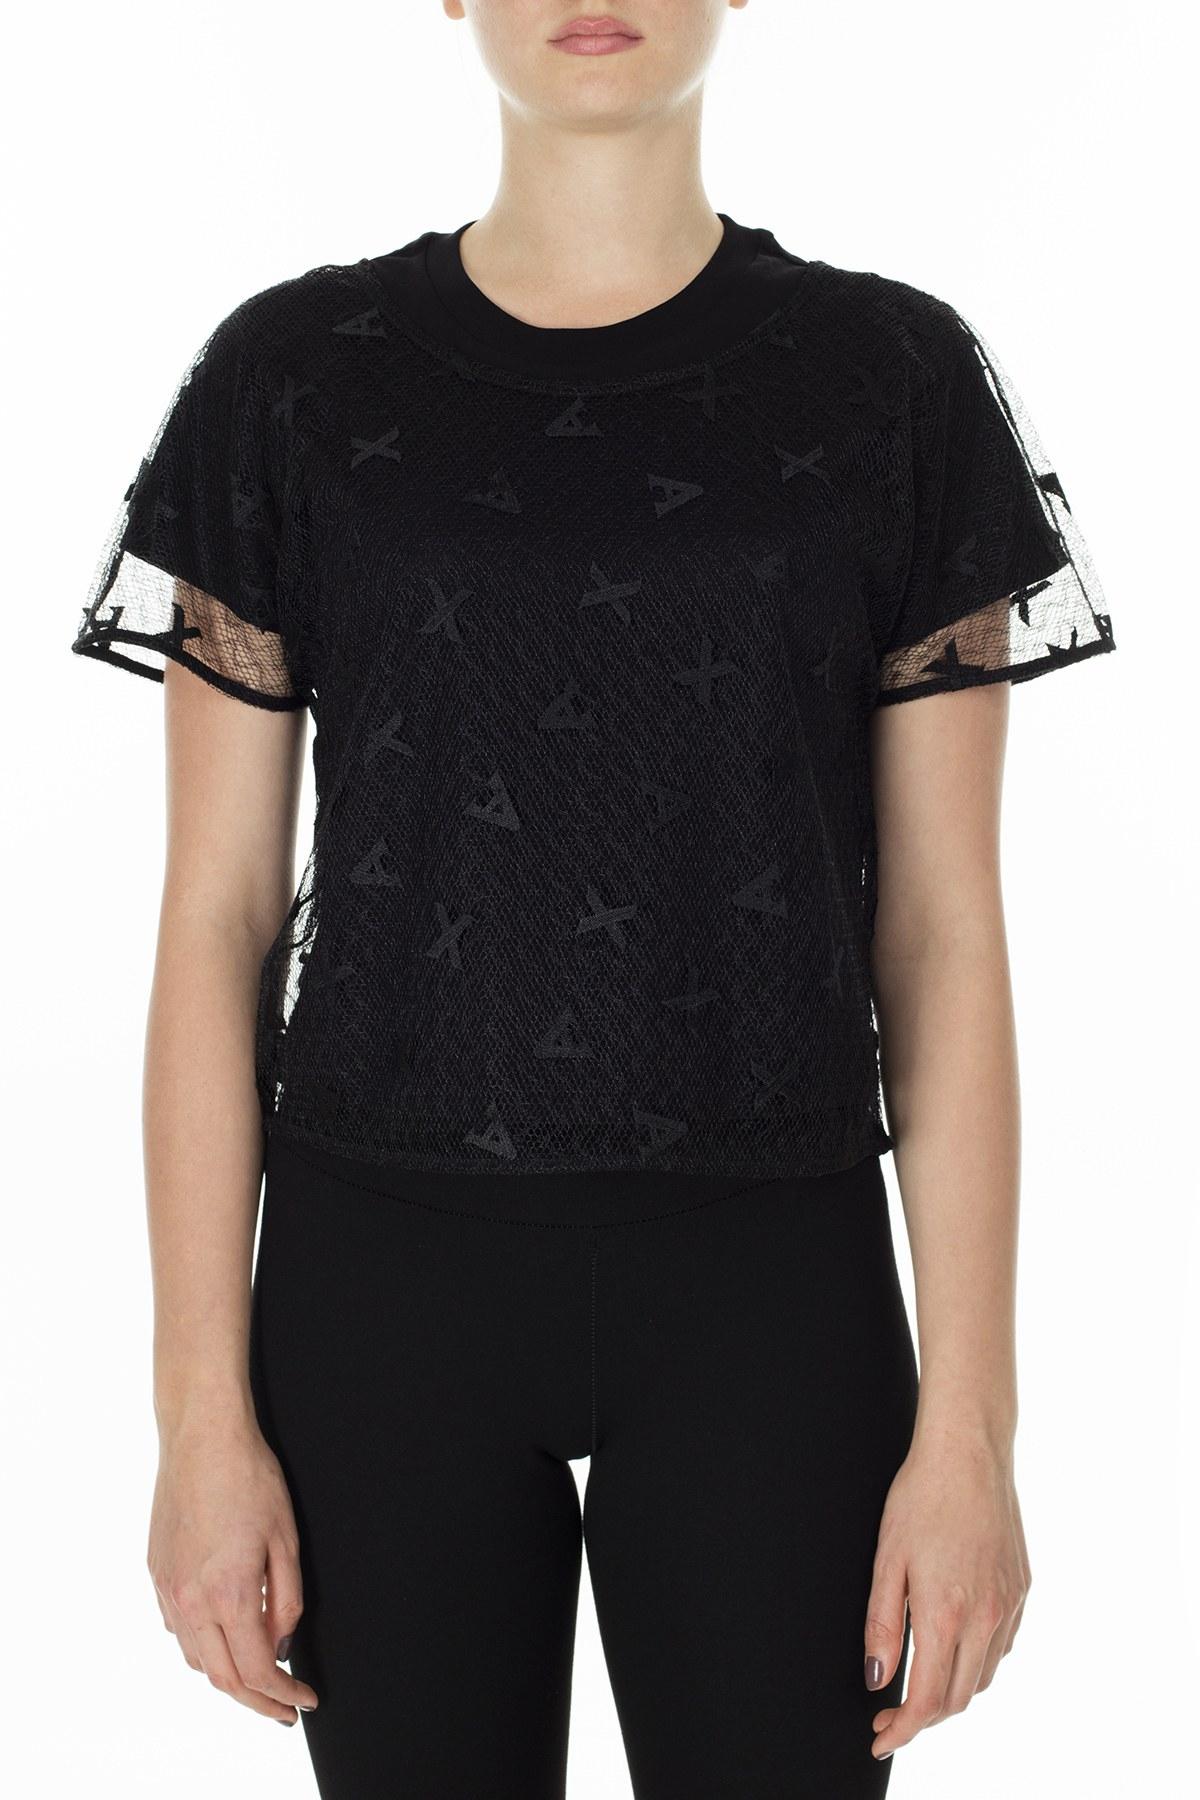 Armani Exchange Kadın Bluz 3HYH08 YNMZZ 1200 SİYAH